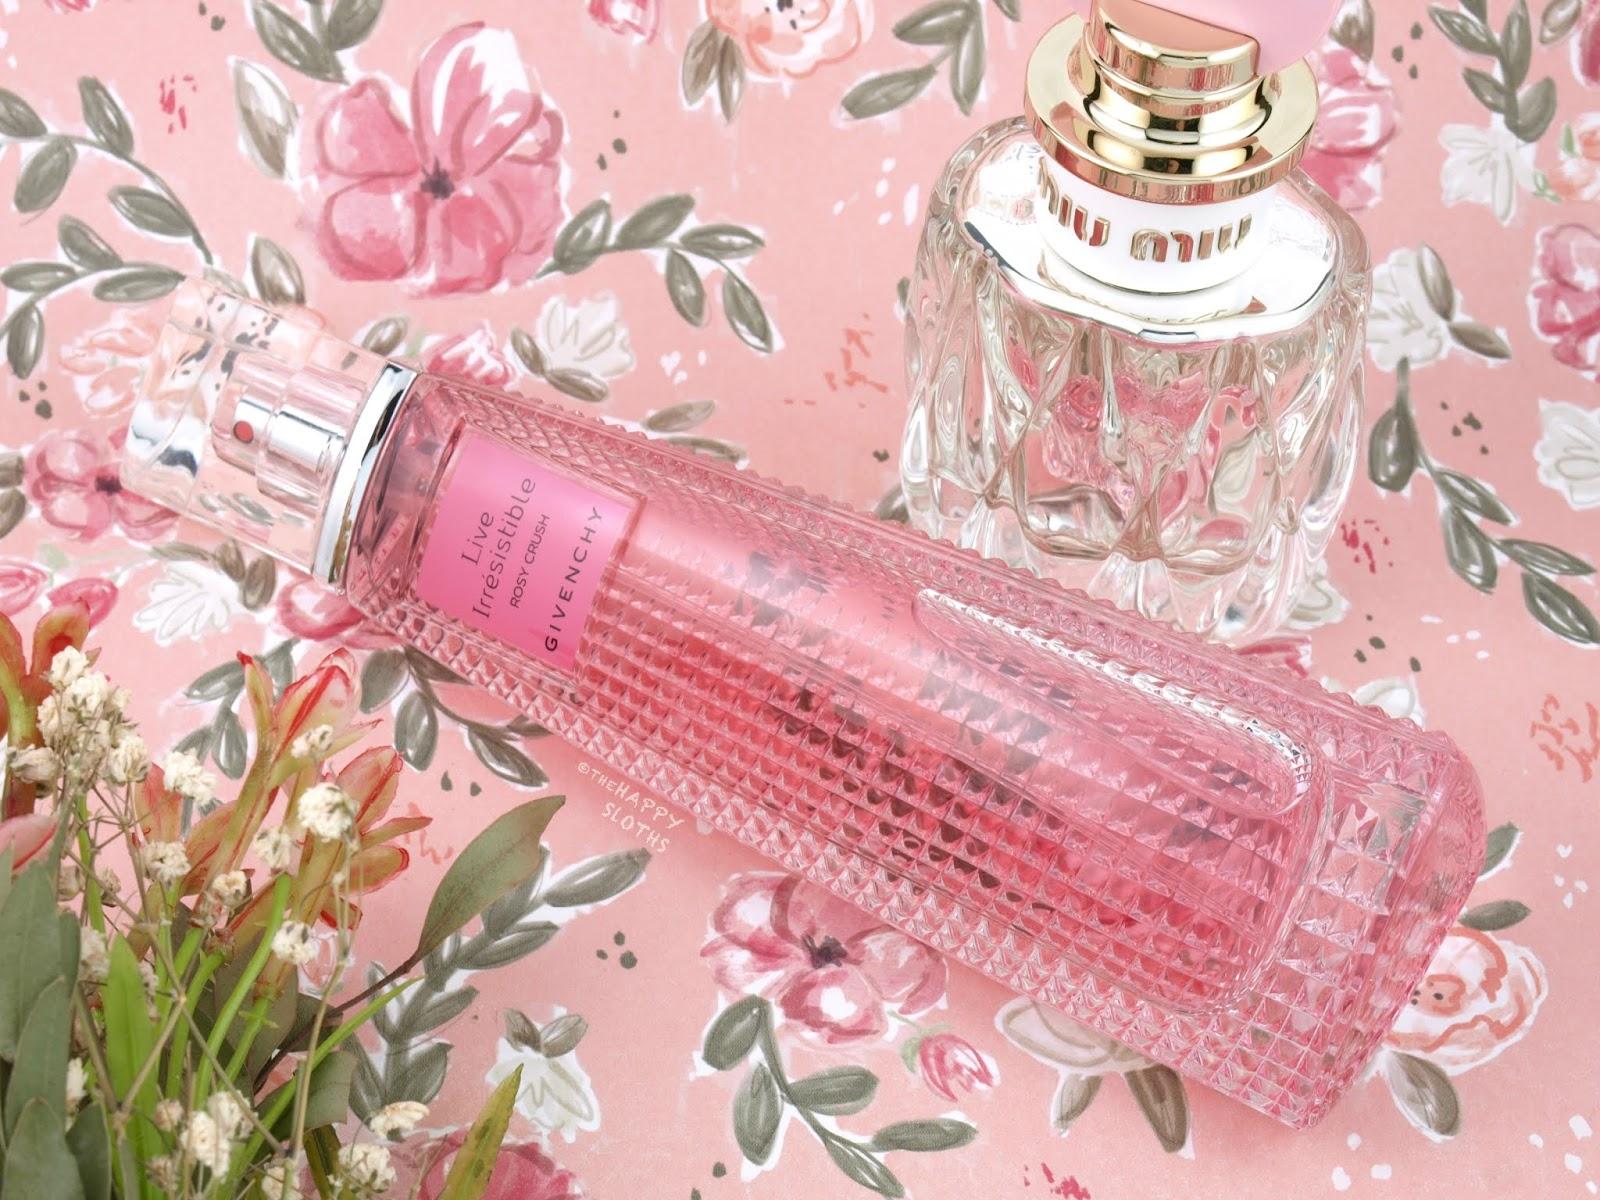 Givenchy | Live Irrésistible Rosy Crush Eau de Parfum: Review